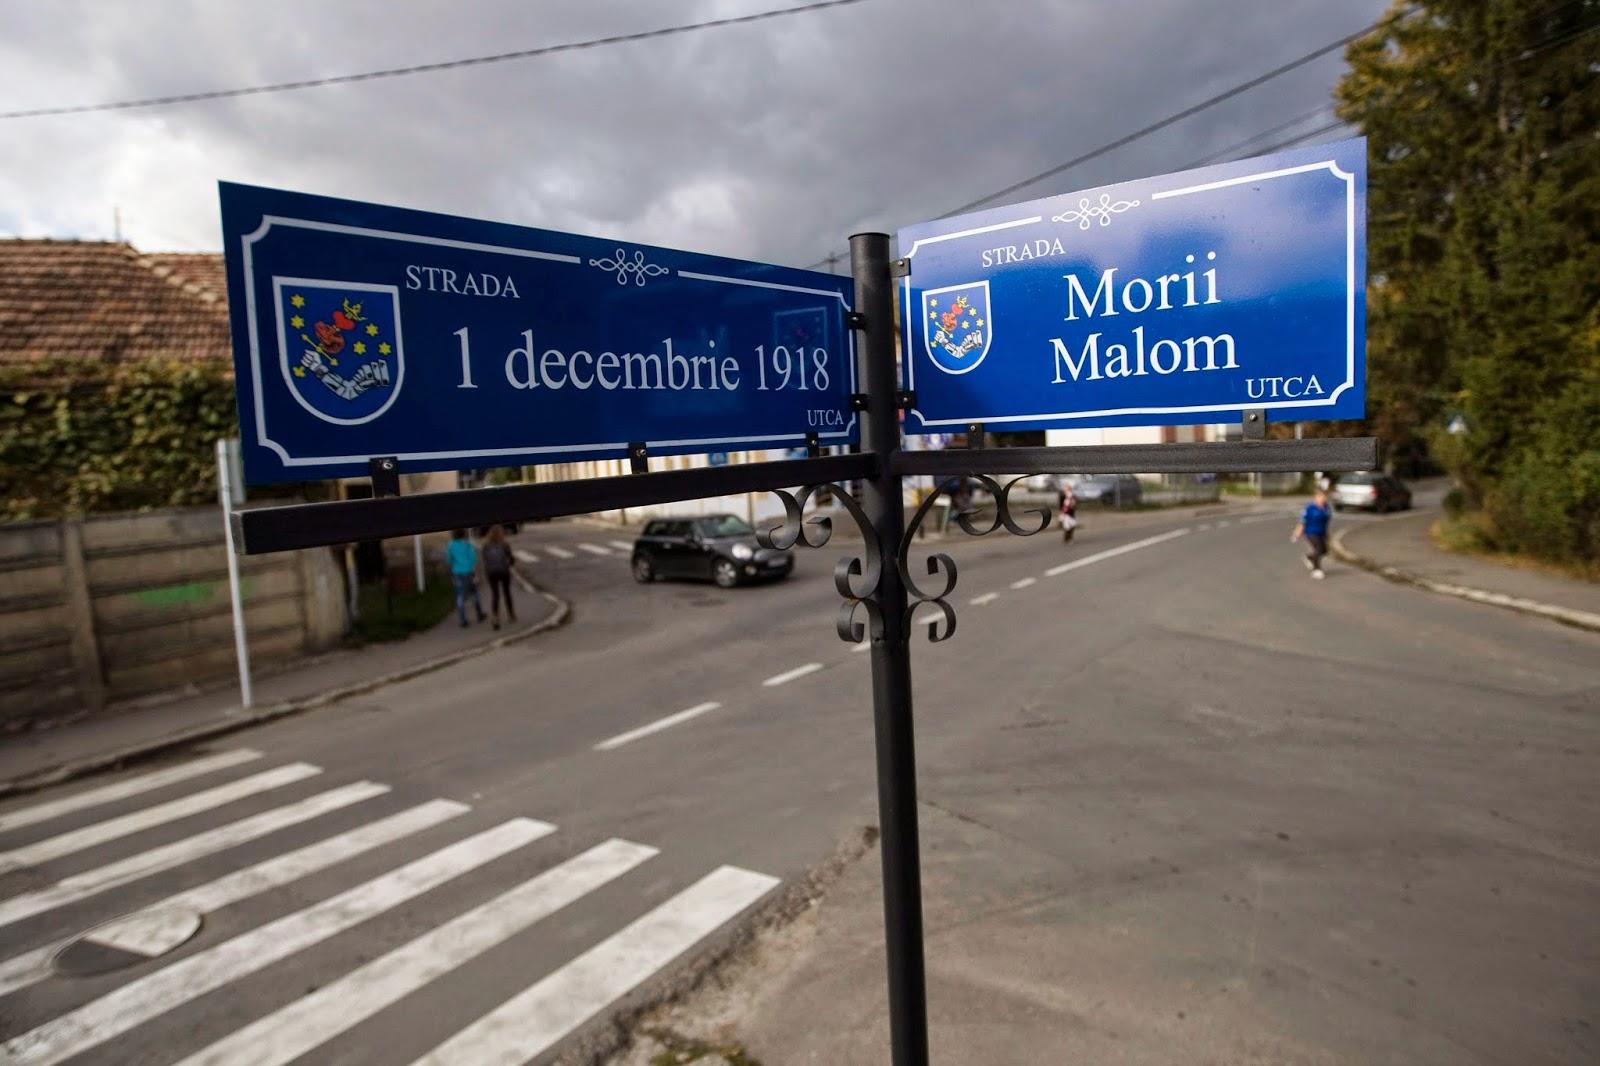 Románia, utcanevek, 1918. december 1. utca, román nemzeti ünnep, december 1. törvény,